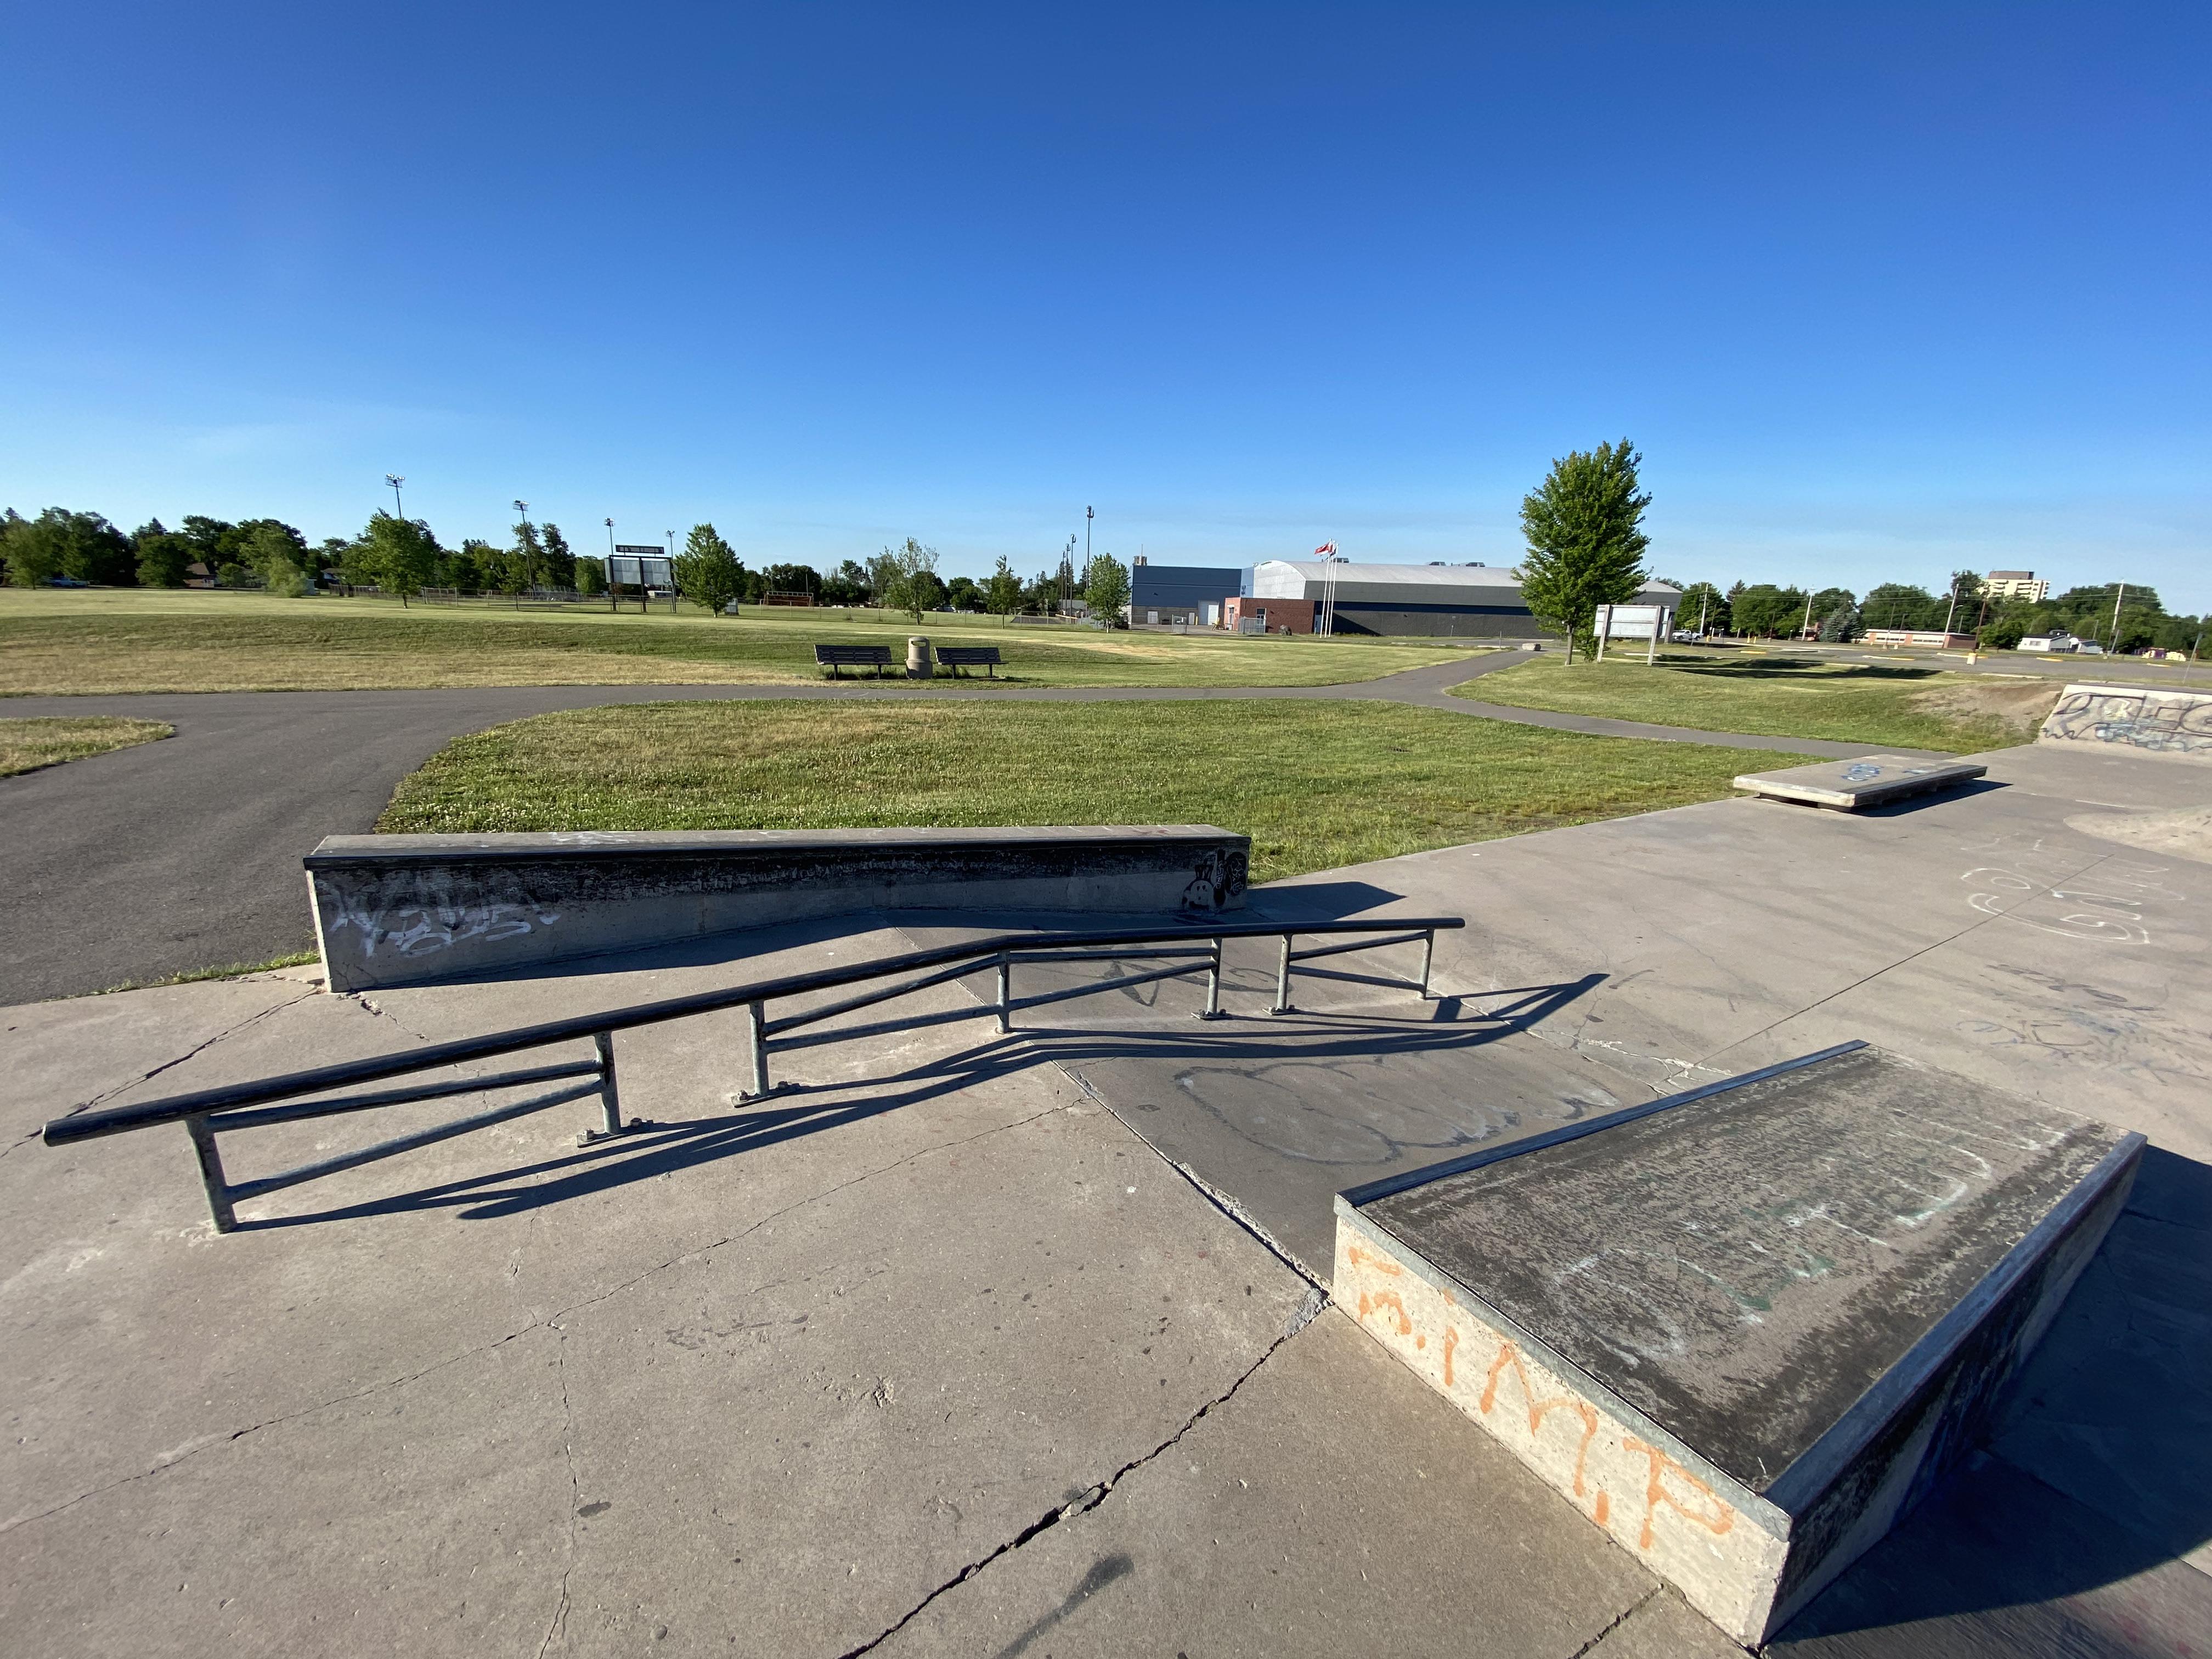 sault-ste marie skatepark